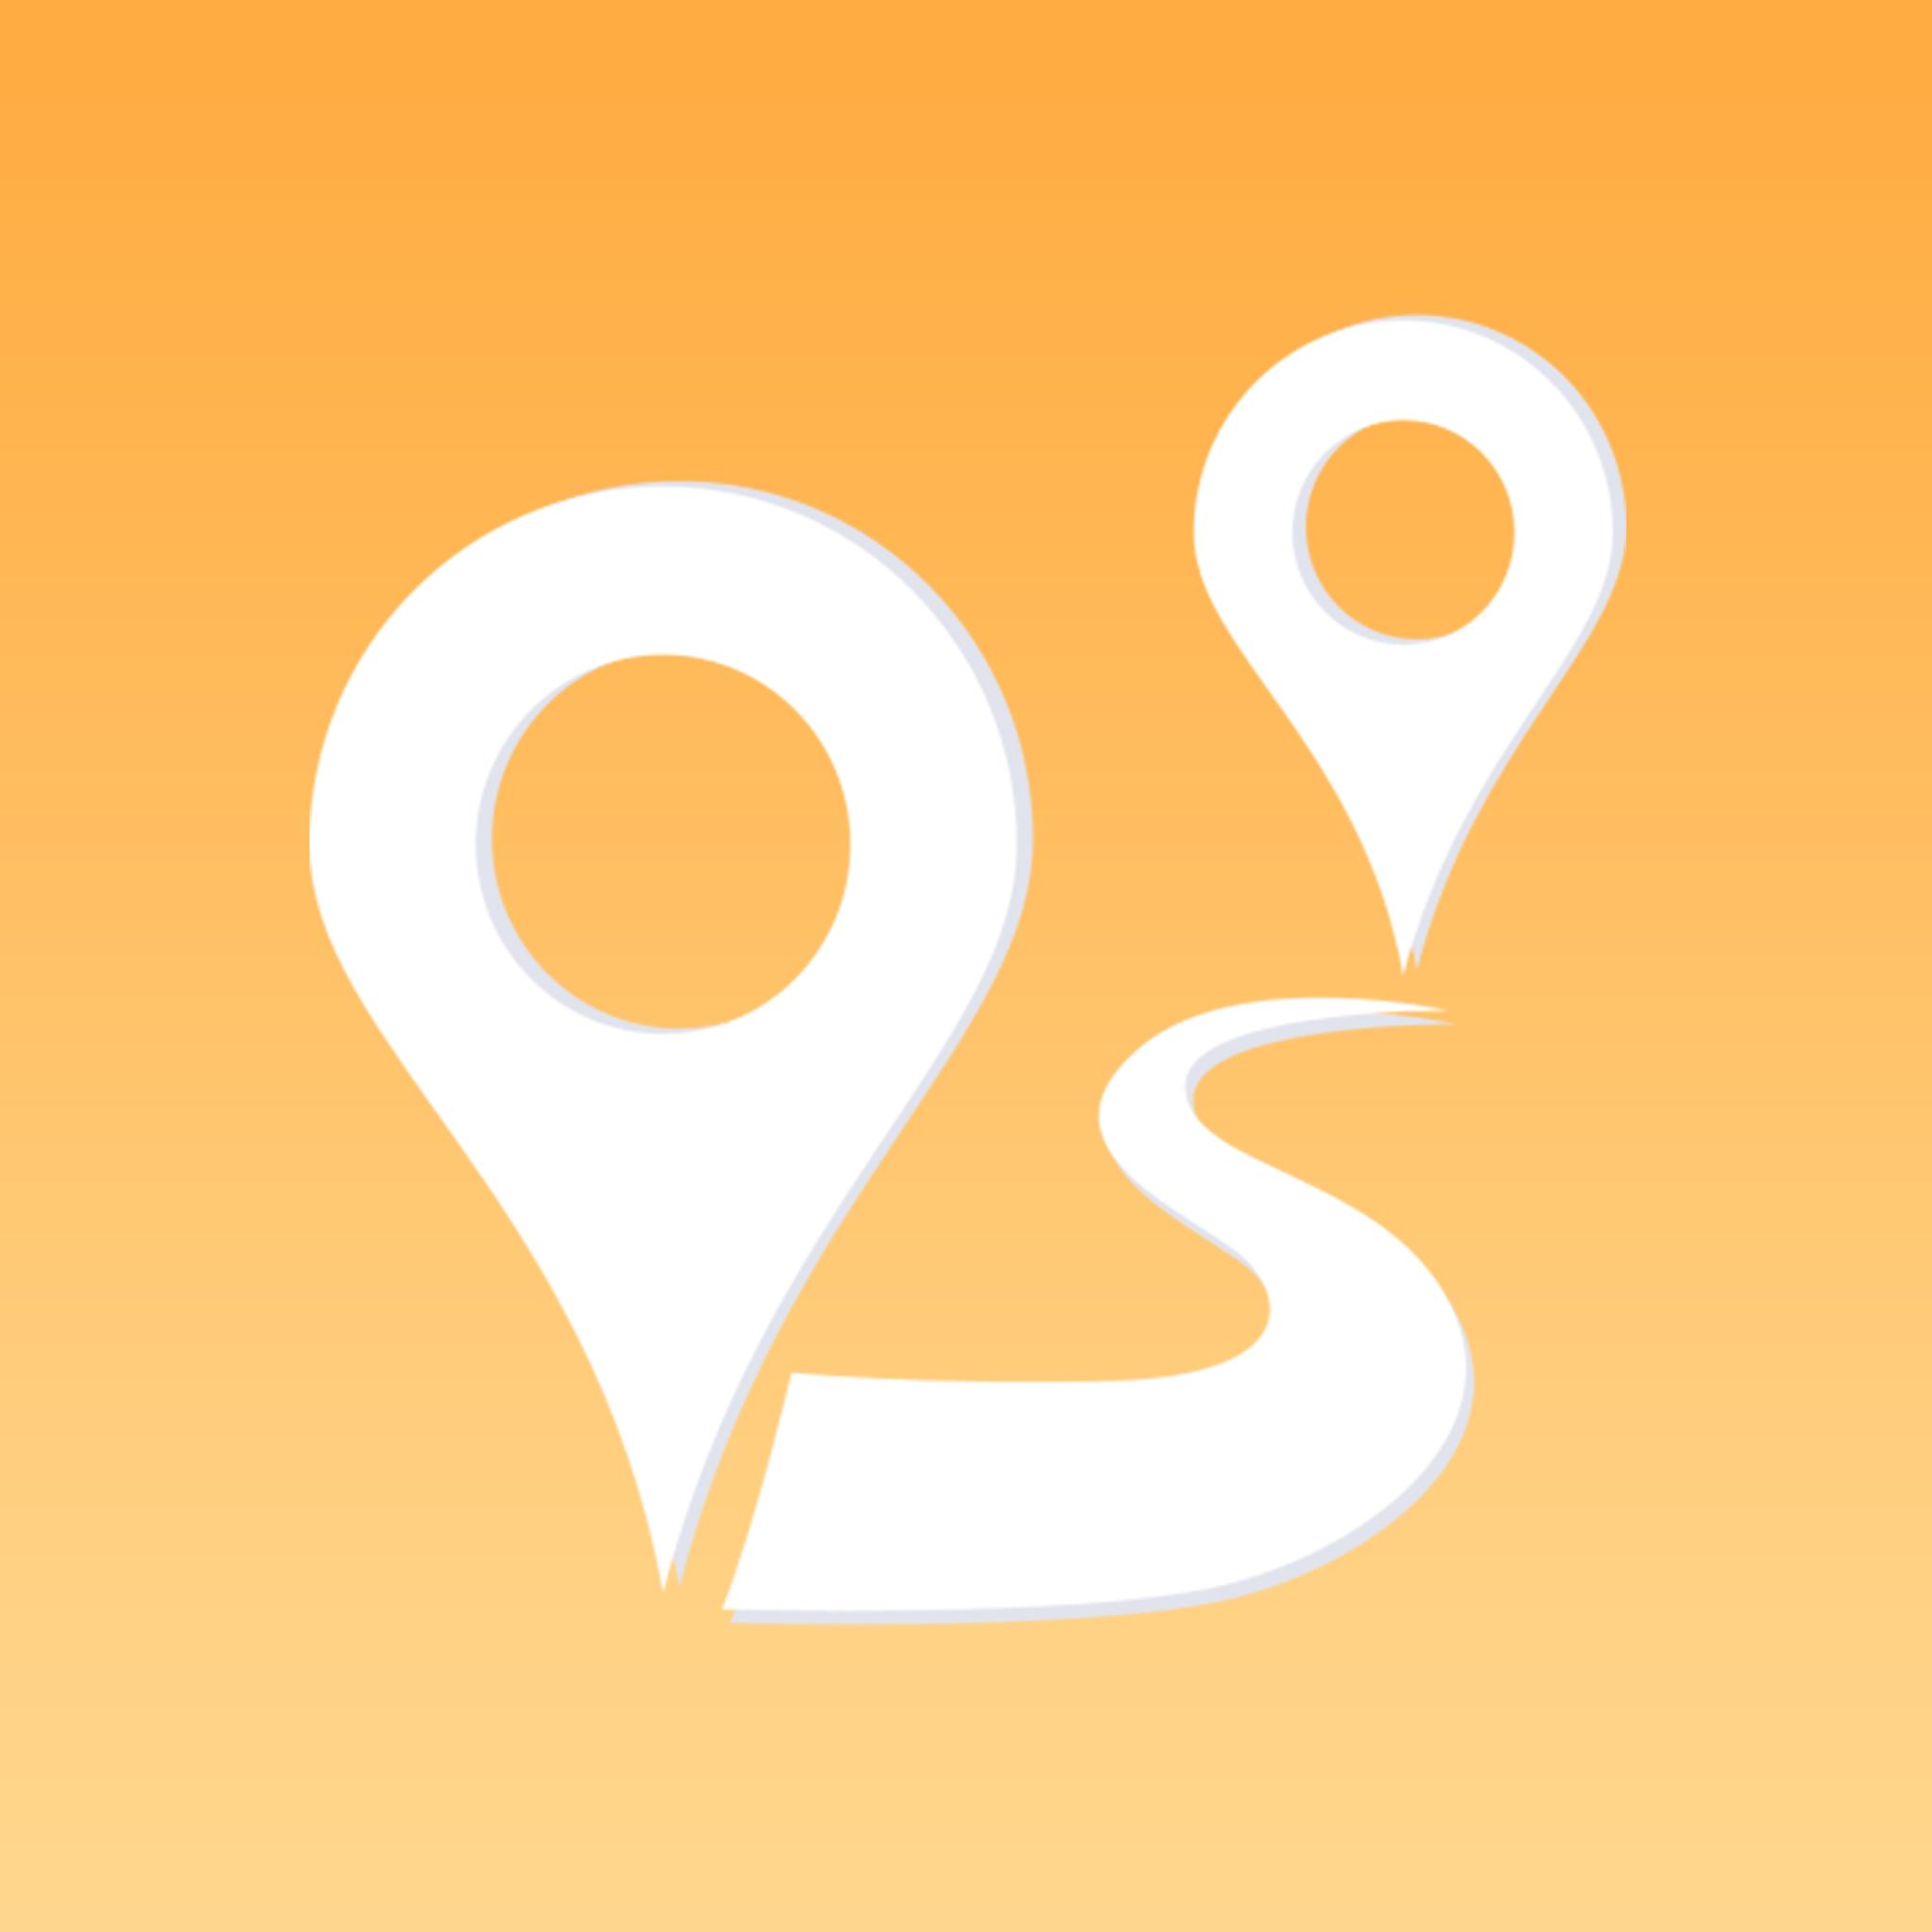 手机定位助手app